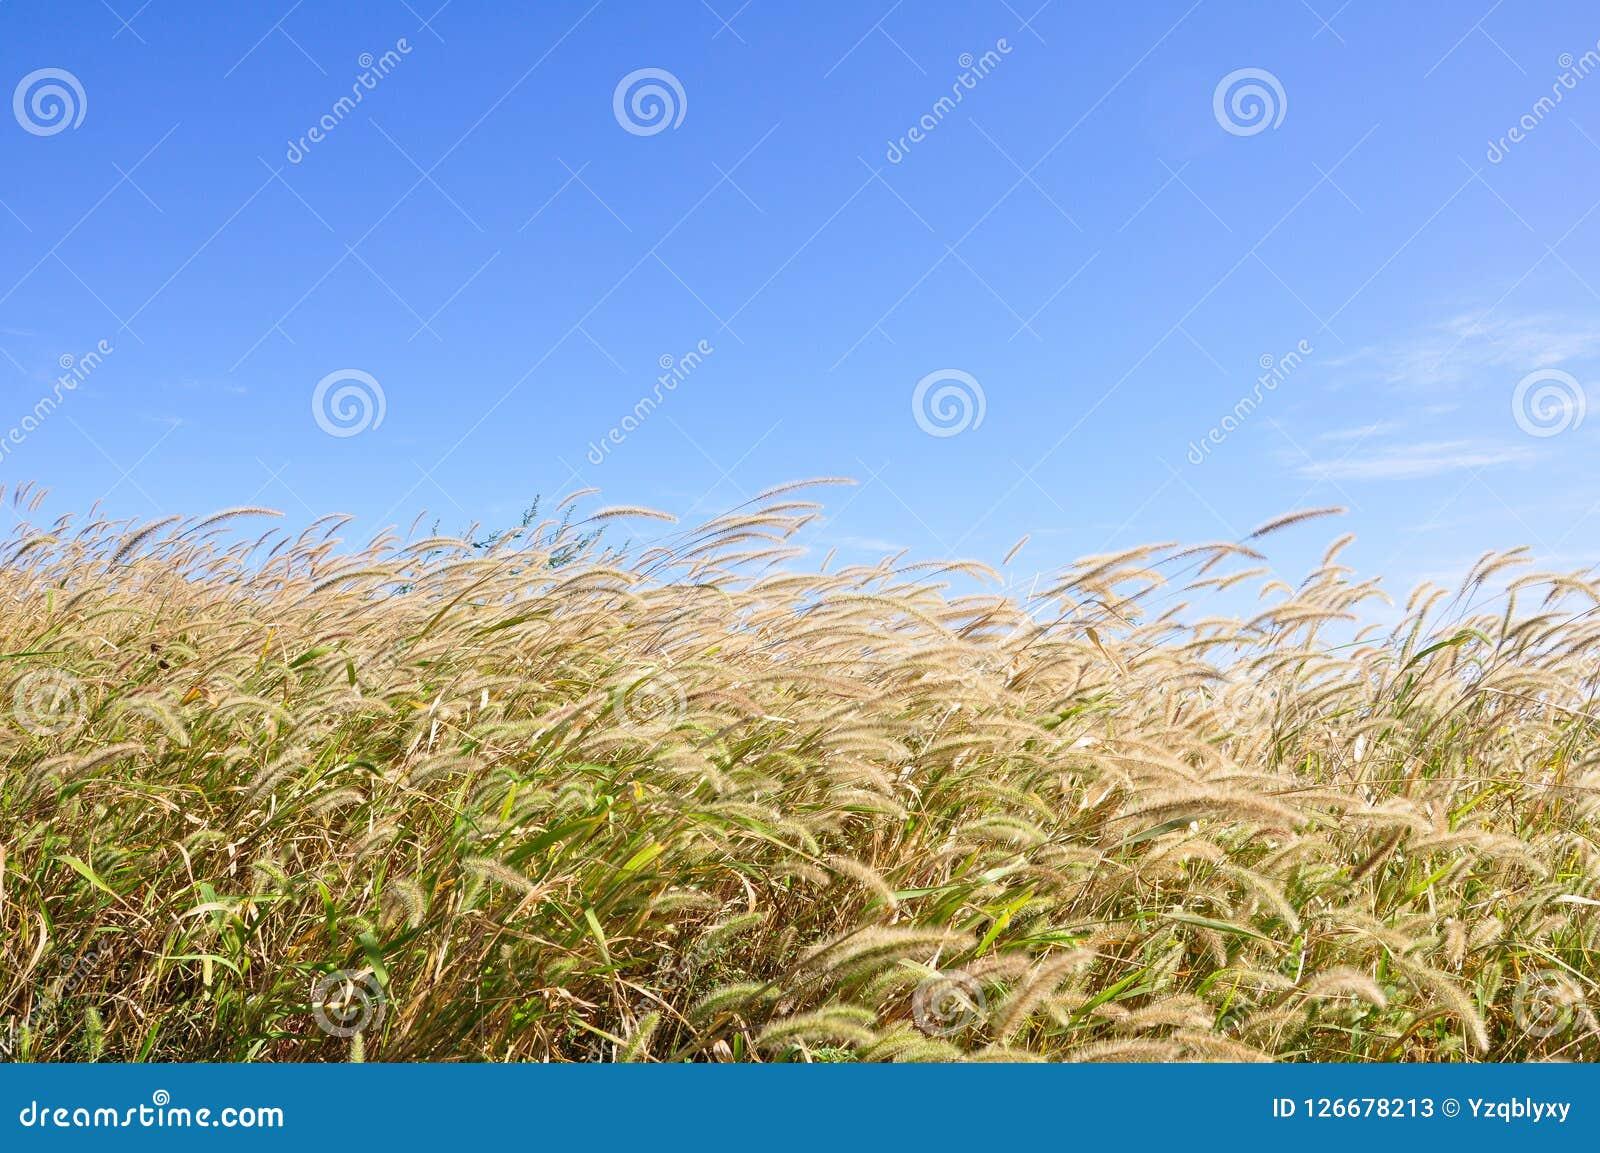 Unkräuter im Herbst mit Hintergrund des blauen Himmels